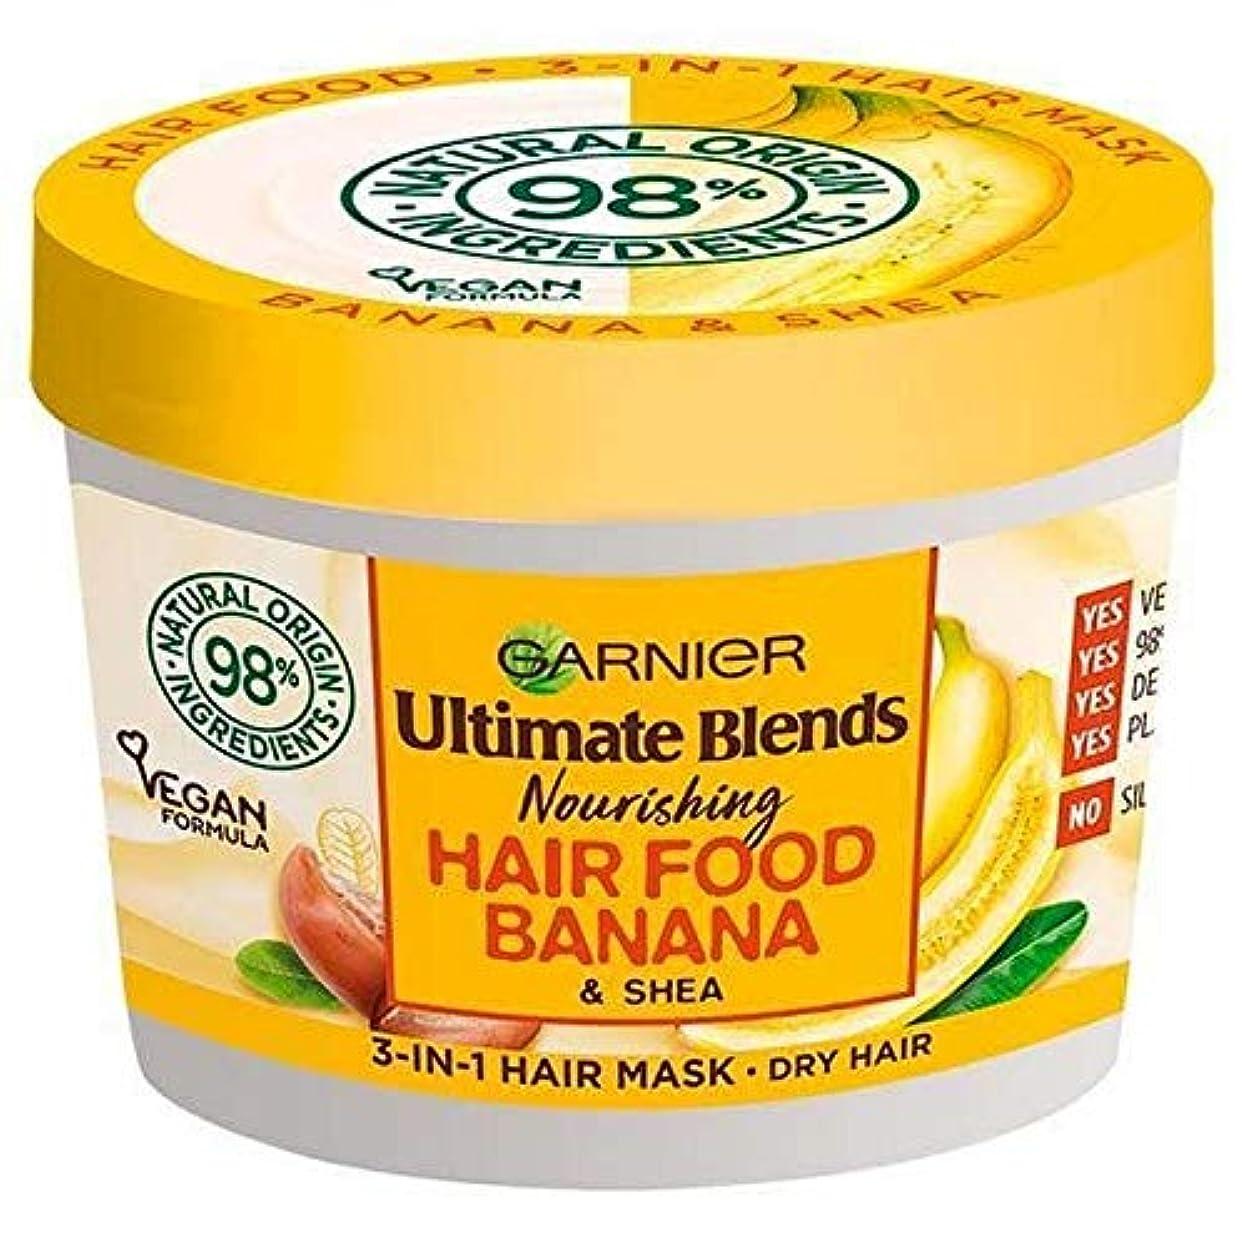 ペフ精緻化分析する[Garnier ] ガルニエ究極は1つのマスク390ミリリットルでヘア食品バナナ3をブレンド - Garnier Ultimate Blends Hair Food Banana 3 in 1 Mask 390ml [並行輸入品]